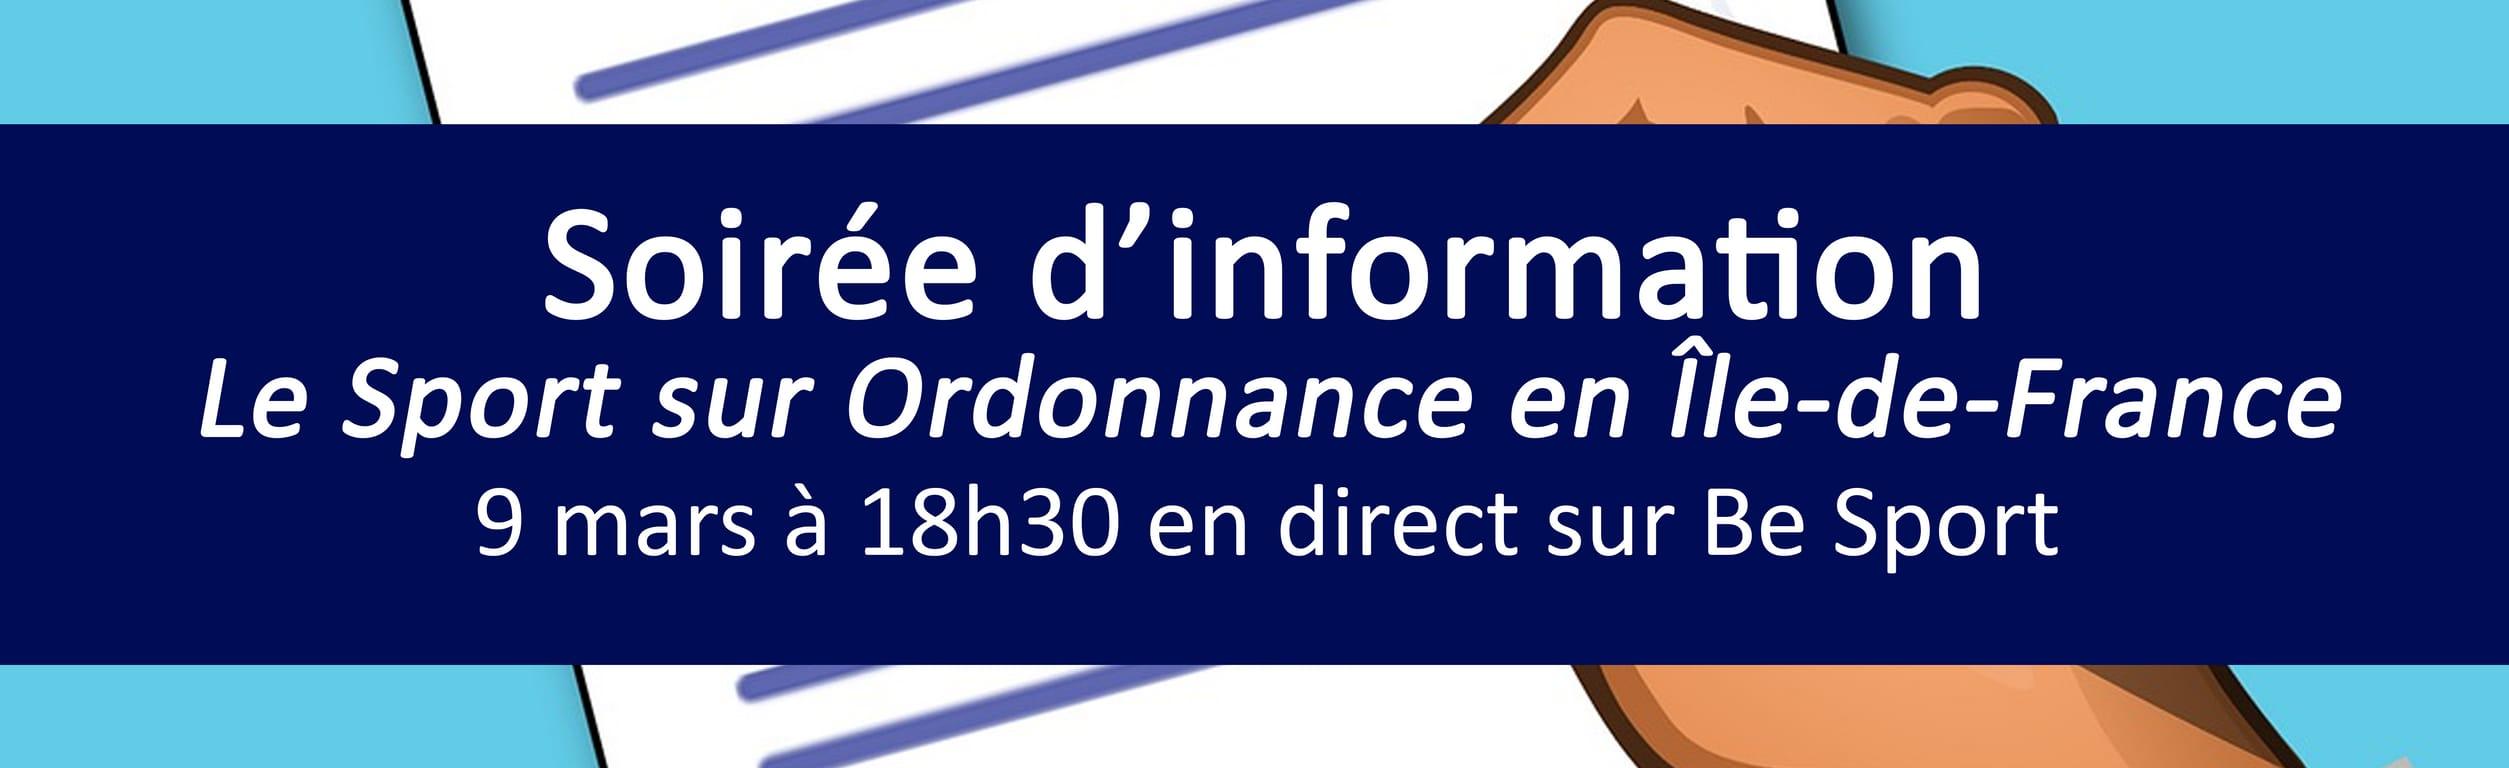 """Soirée d'information """"Le Sport sur ordonnance en Ile-de-France"""""""